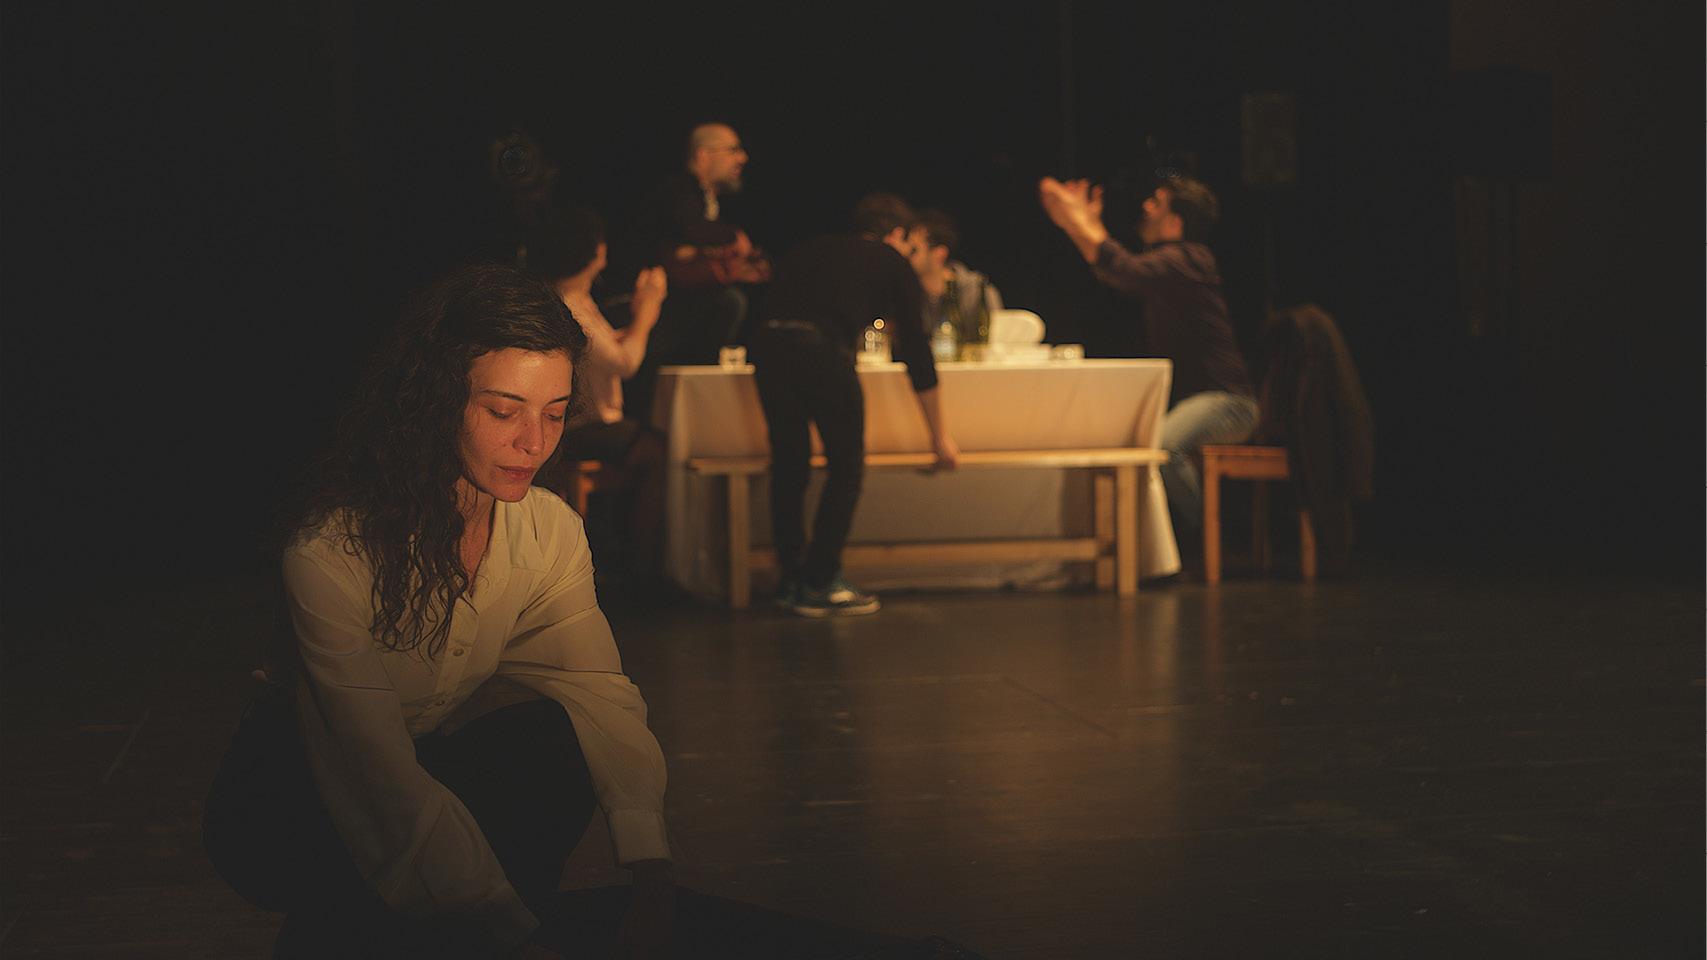 Ramzi Choukai fait entendre, par le théâtre, les témoignages forts de victimes de la répression en Syrie. Un spectacle proposé par le Théâtre d'Arles.